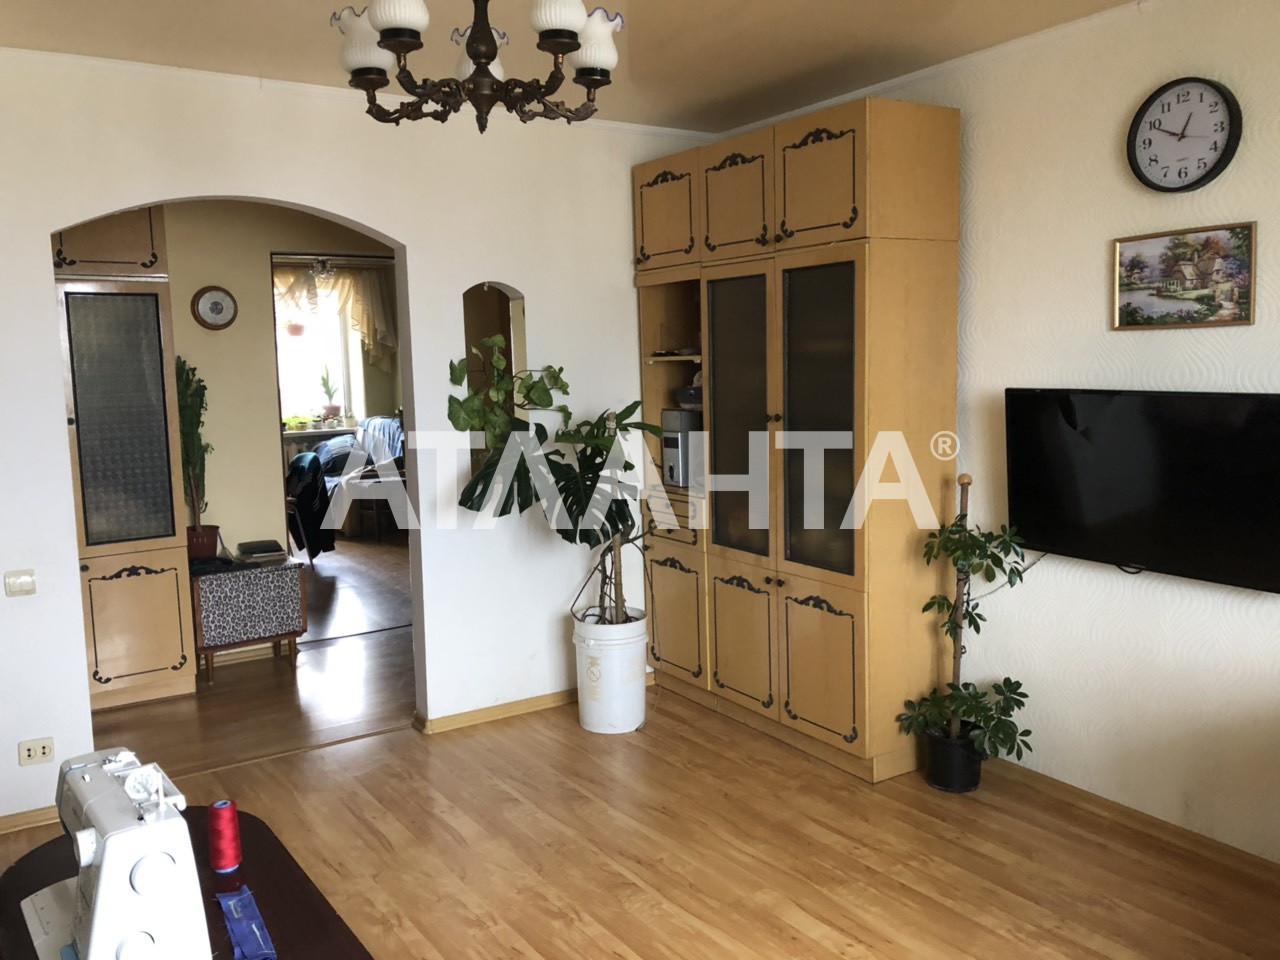 Продается 4-комнатная Квартира на ул. Мира Пр. (Ленина) — 50 000 у.е. (фото №5)